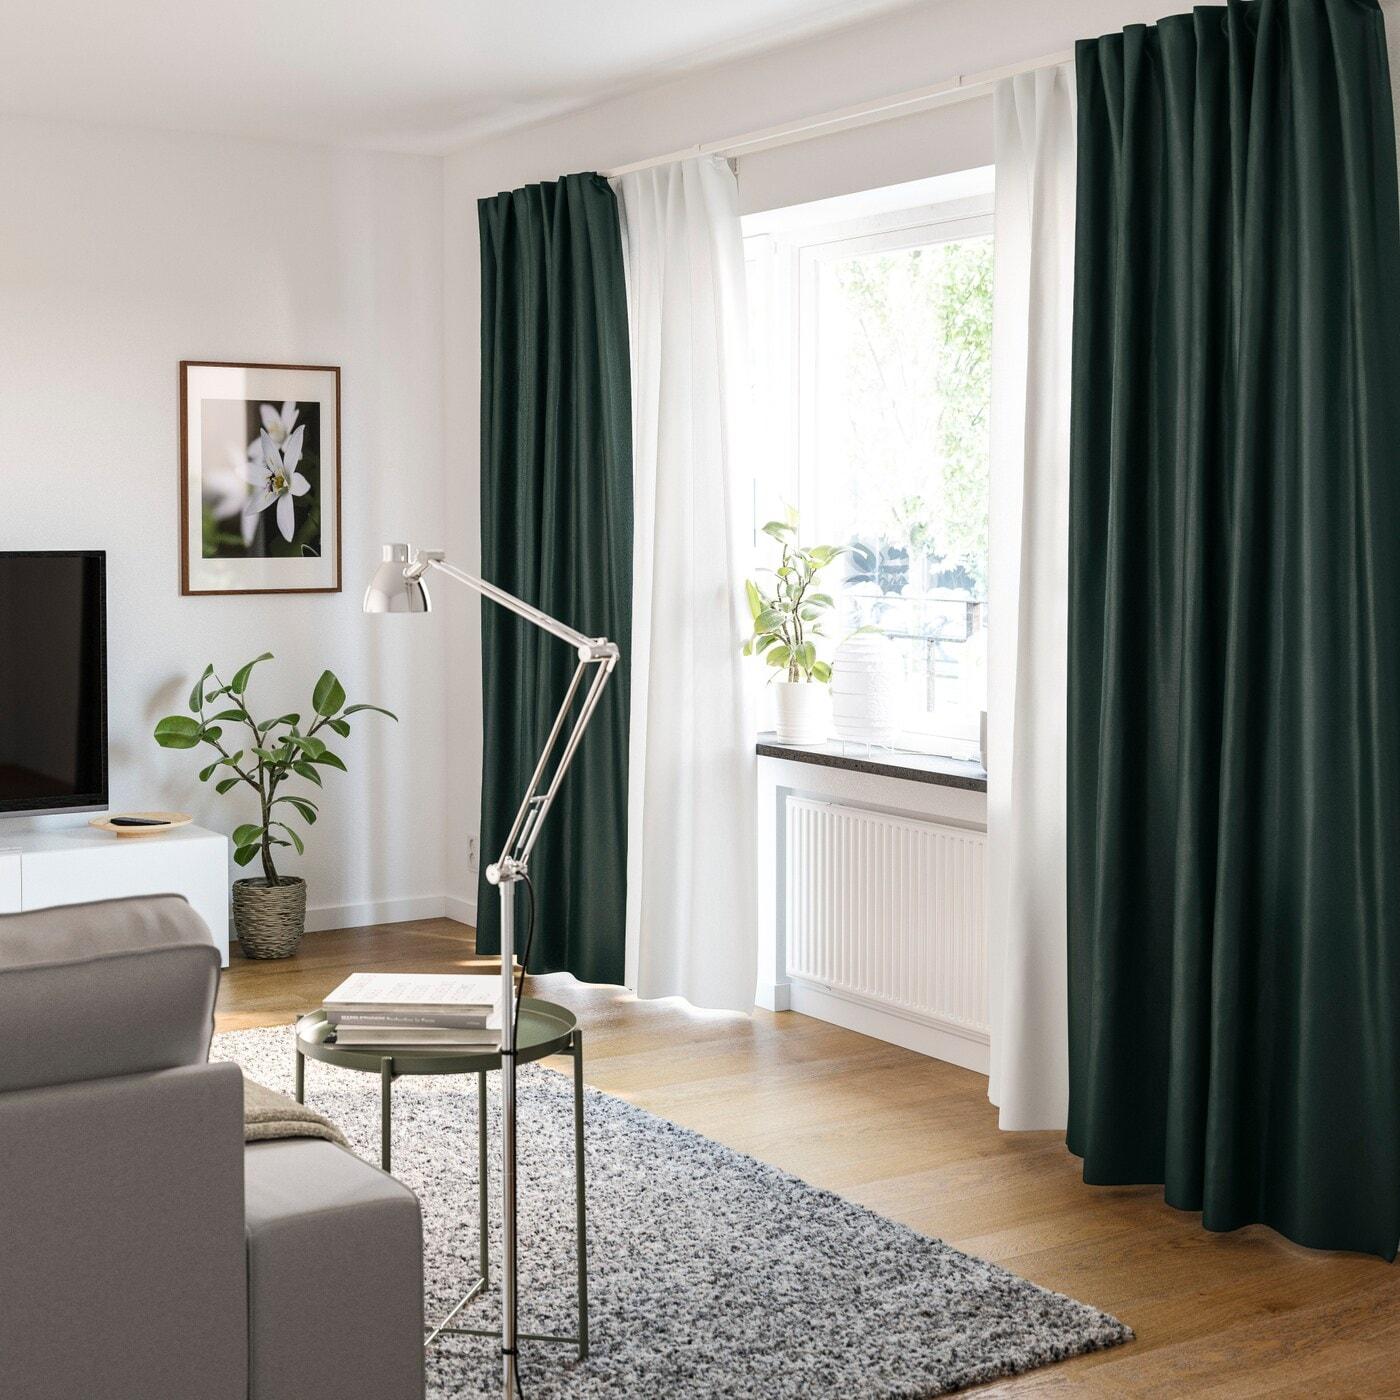 Gardinen-Ideen: Inspirationen für dein Zuhause - IKEA Deutschland